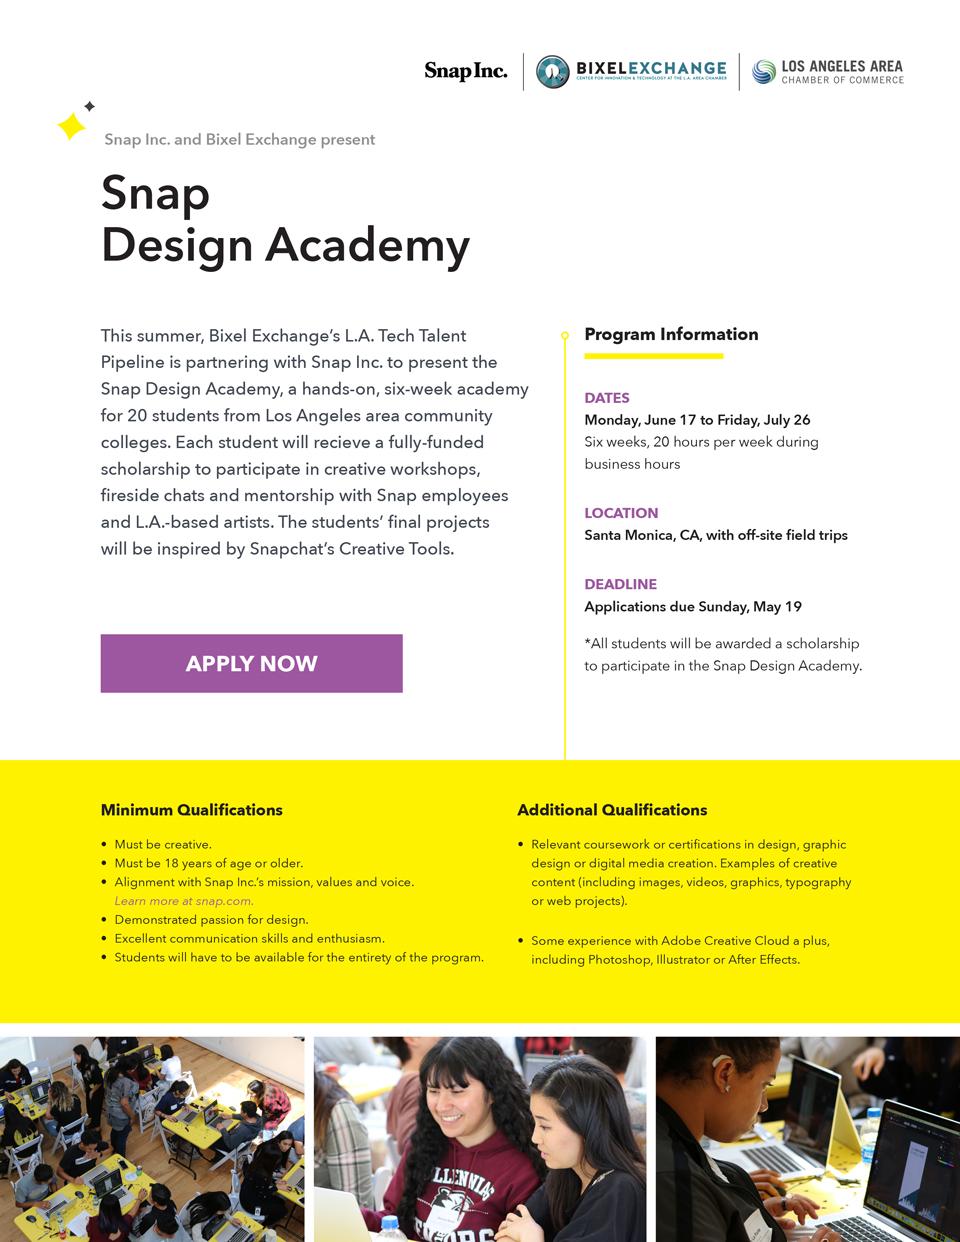 Snap Design Academy - Bixel Exchange